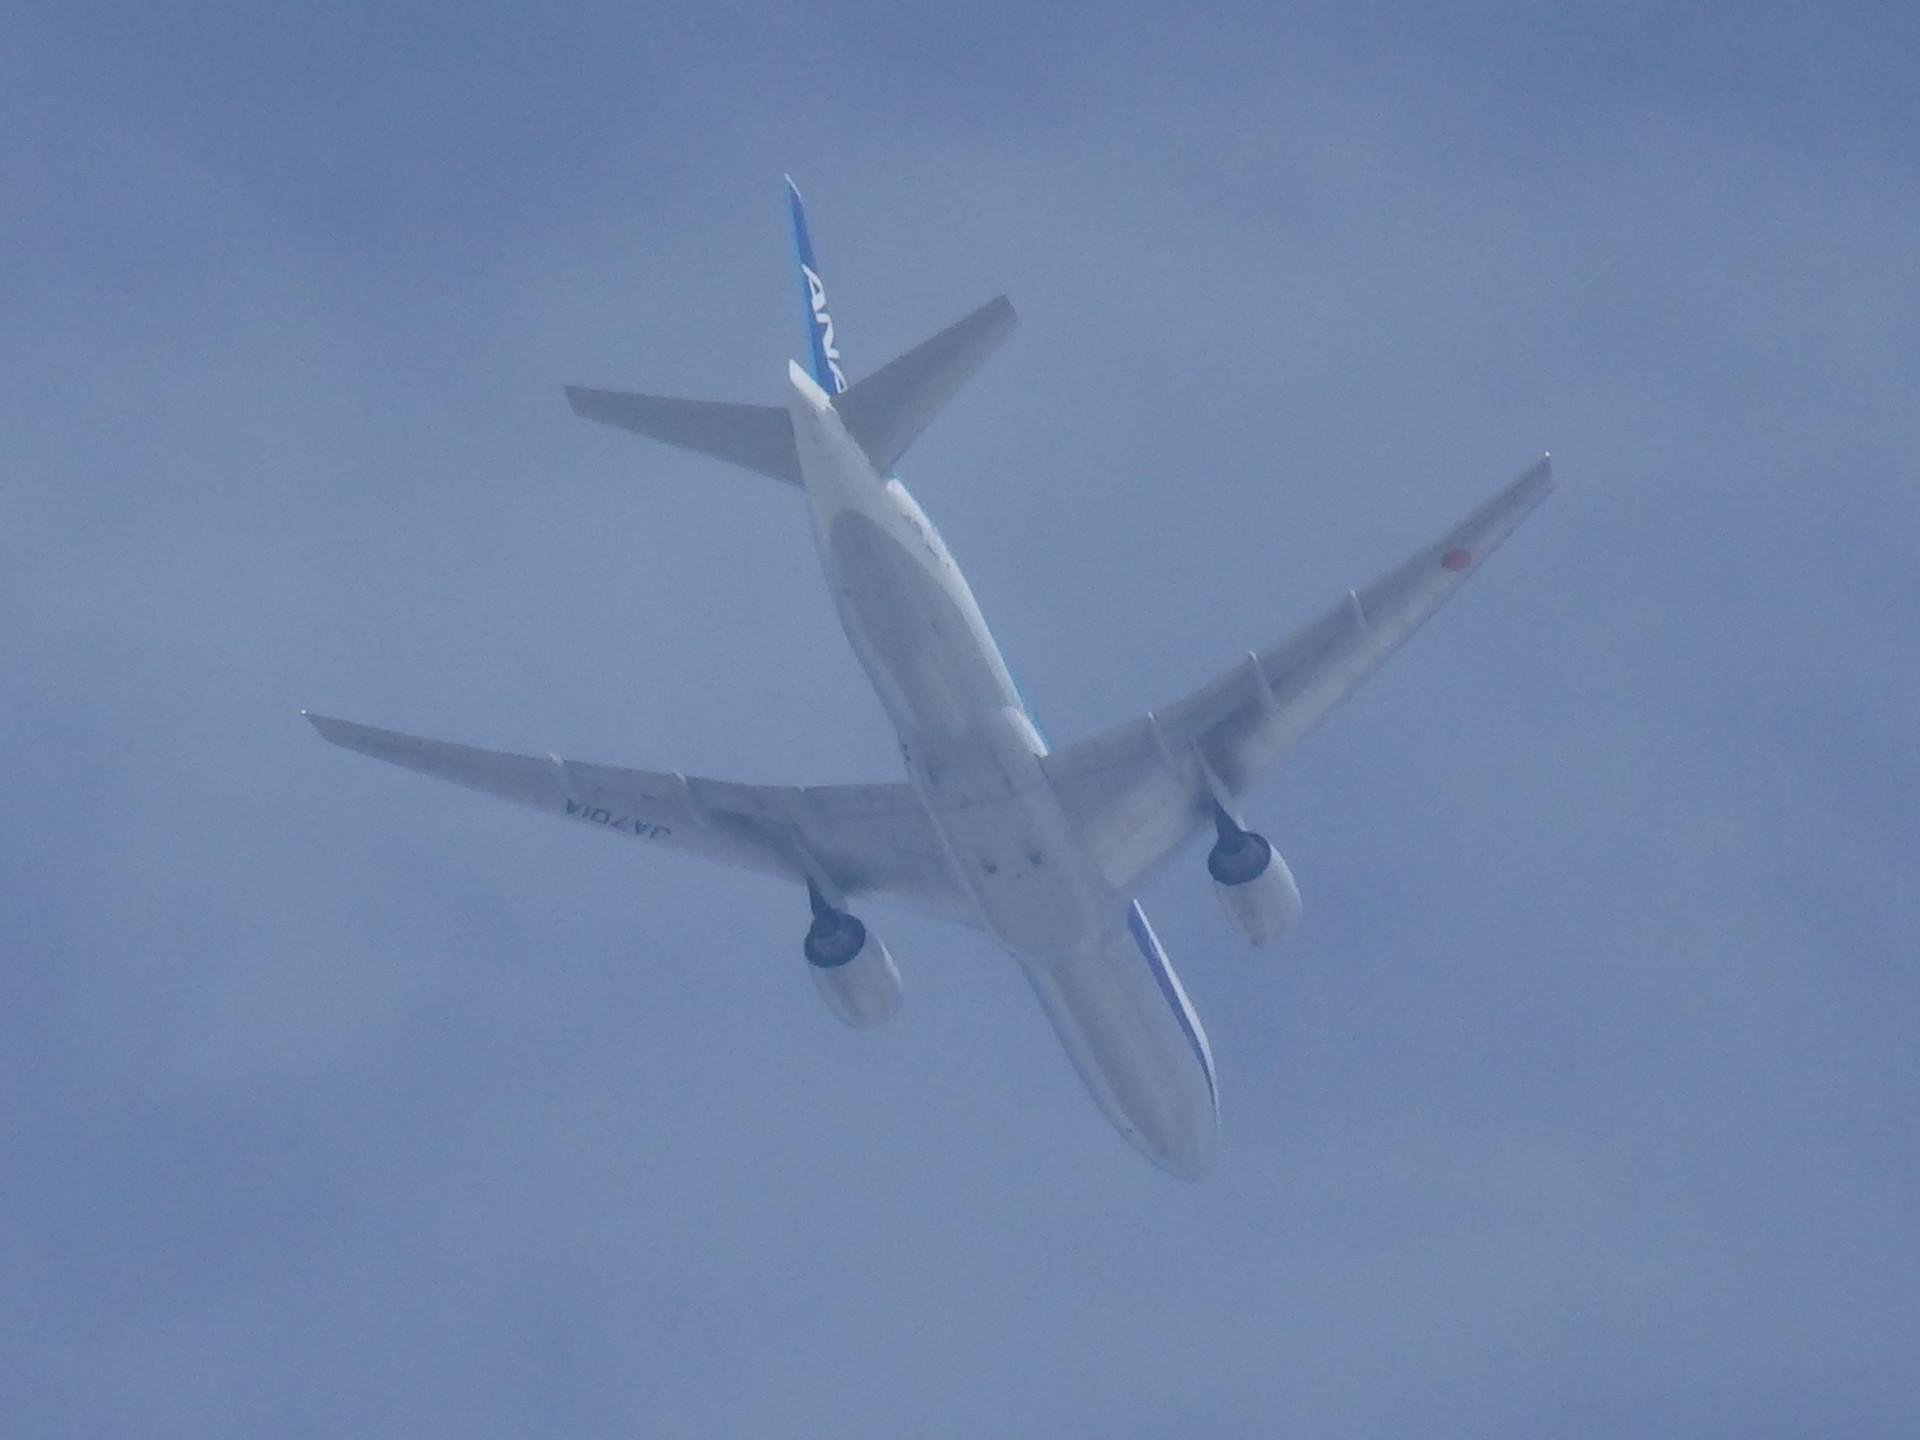 慌ただしく飛び去ったJA701A機です。